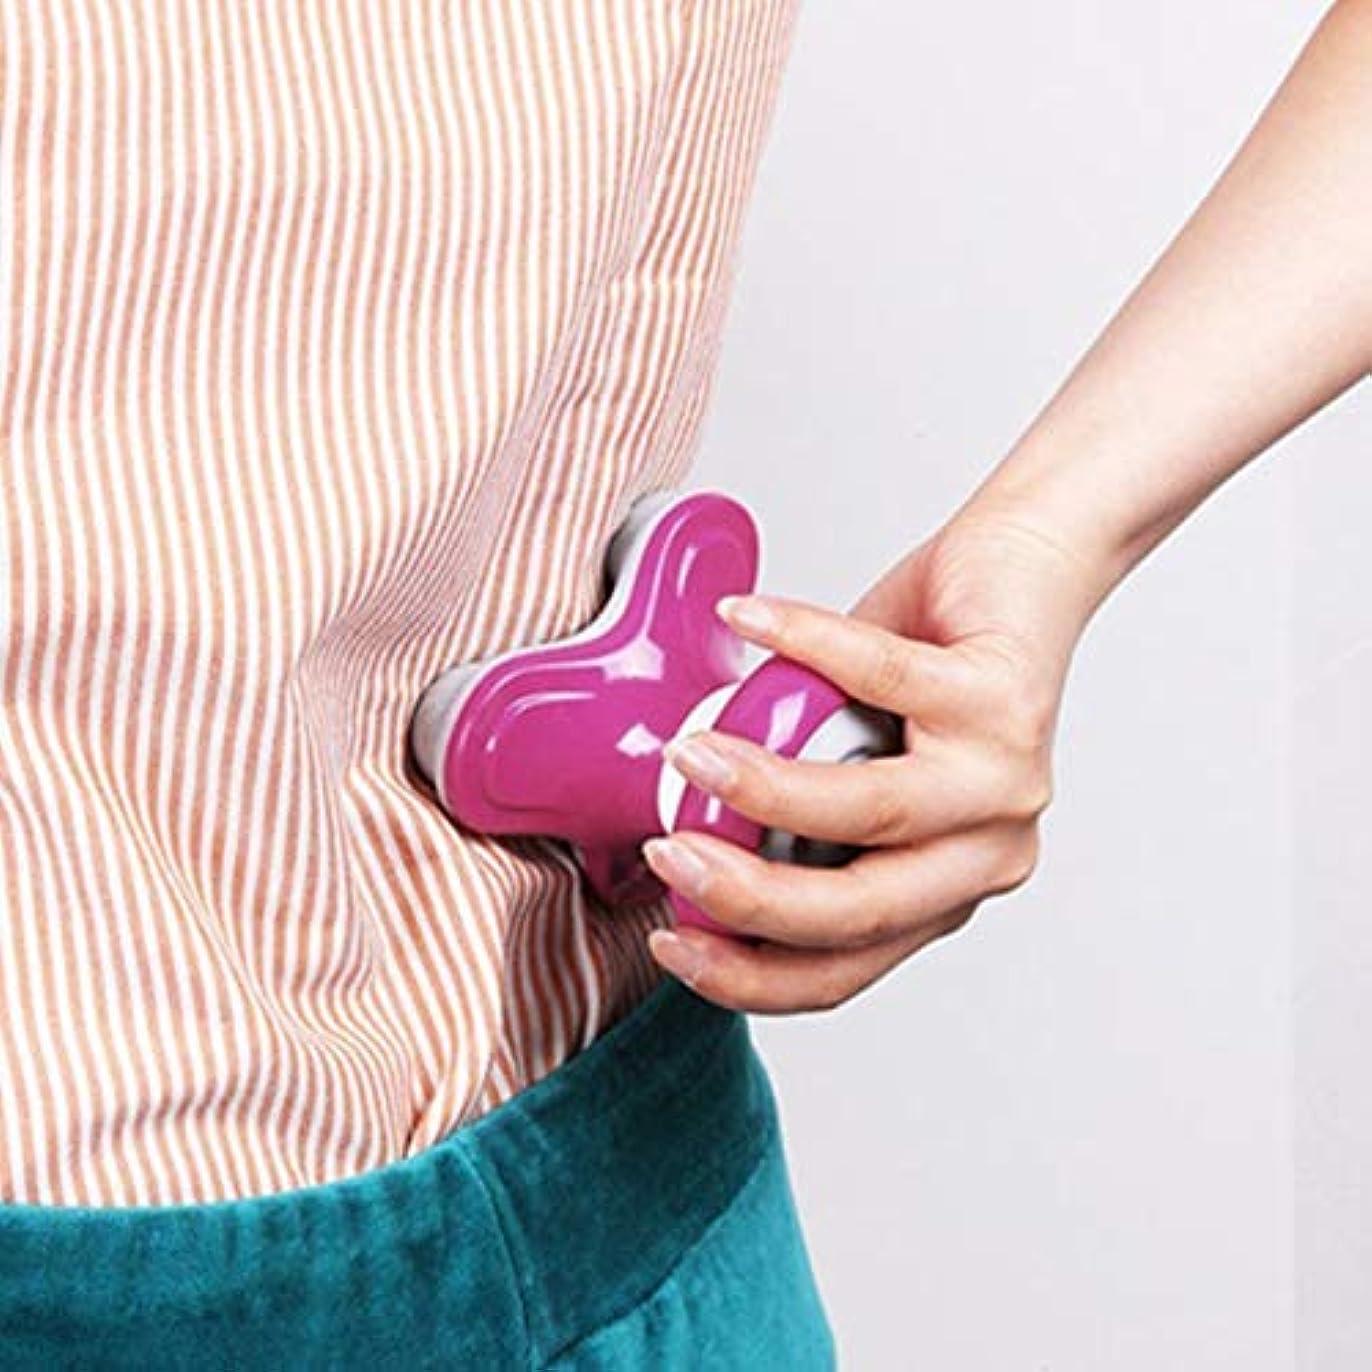 靴下状況巧みな高品質高品質ミニusb/電池式の処理された電波振動腕足フルボディマッサージャーホットスリミング